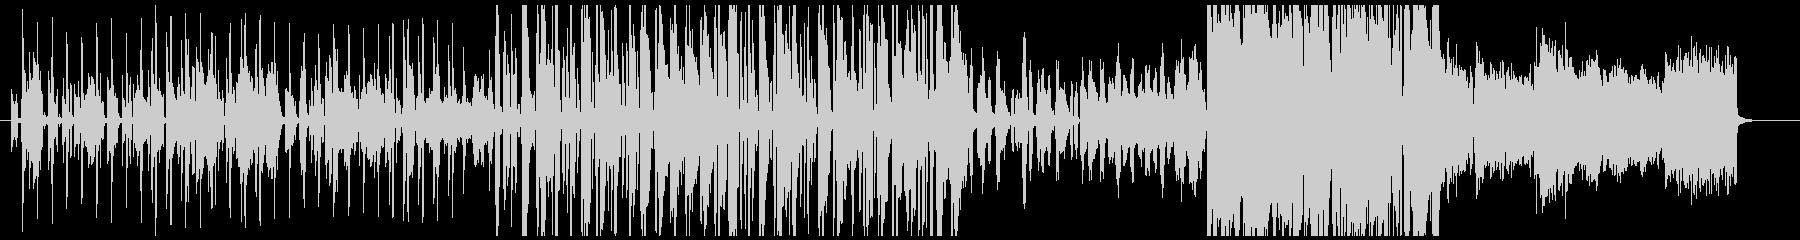 ほのぼのお洒落なオルガンによるボサノバの未再生の波形